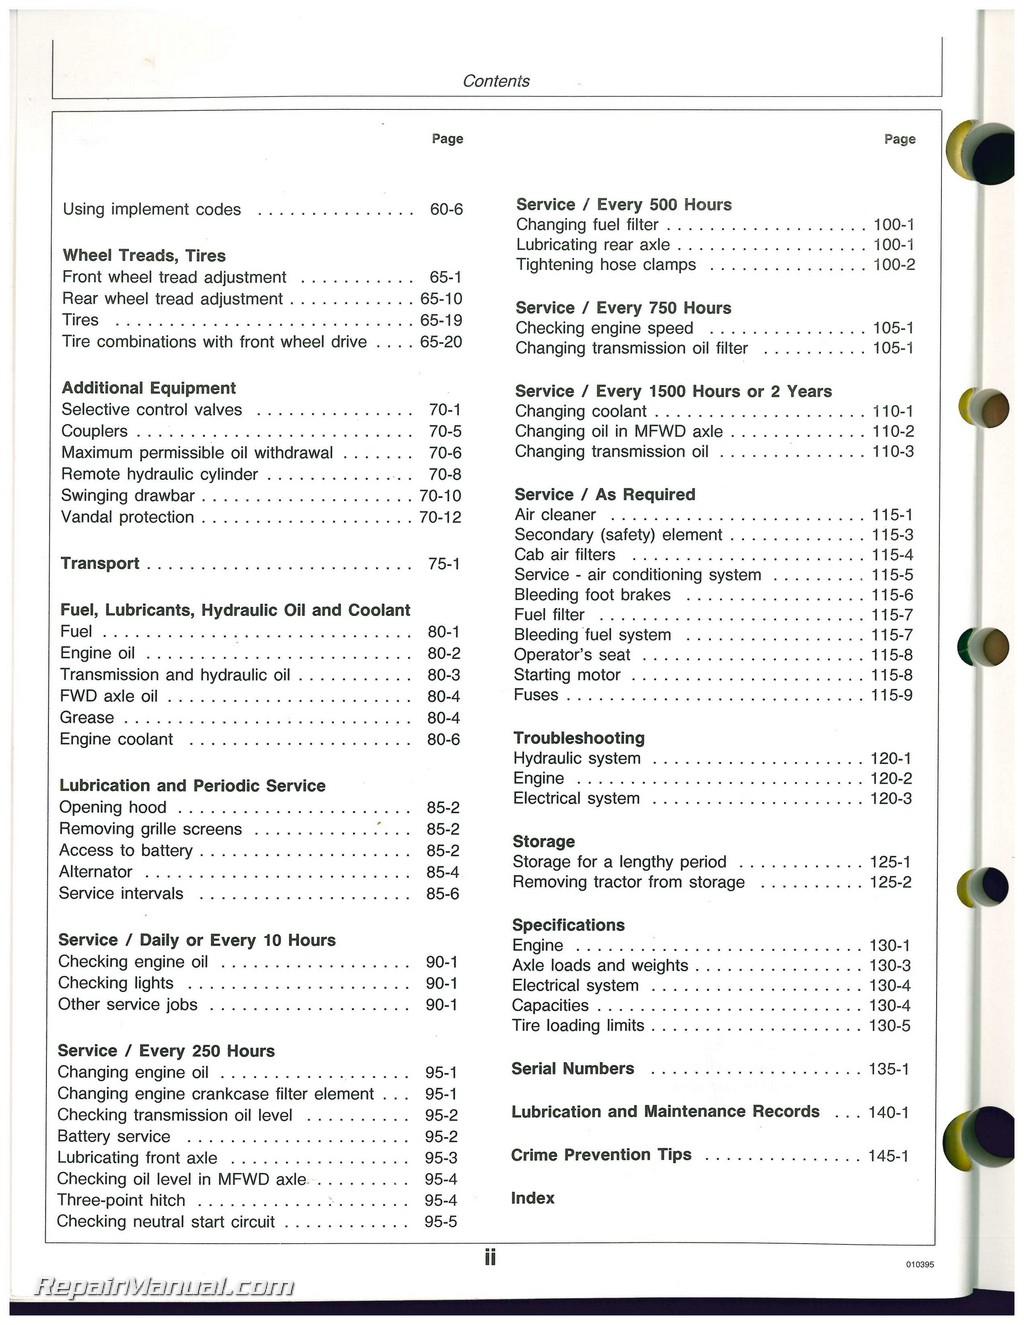 John Deere Manuals | Parts, Service, Repair and Owners Manuals